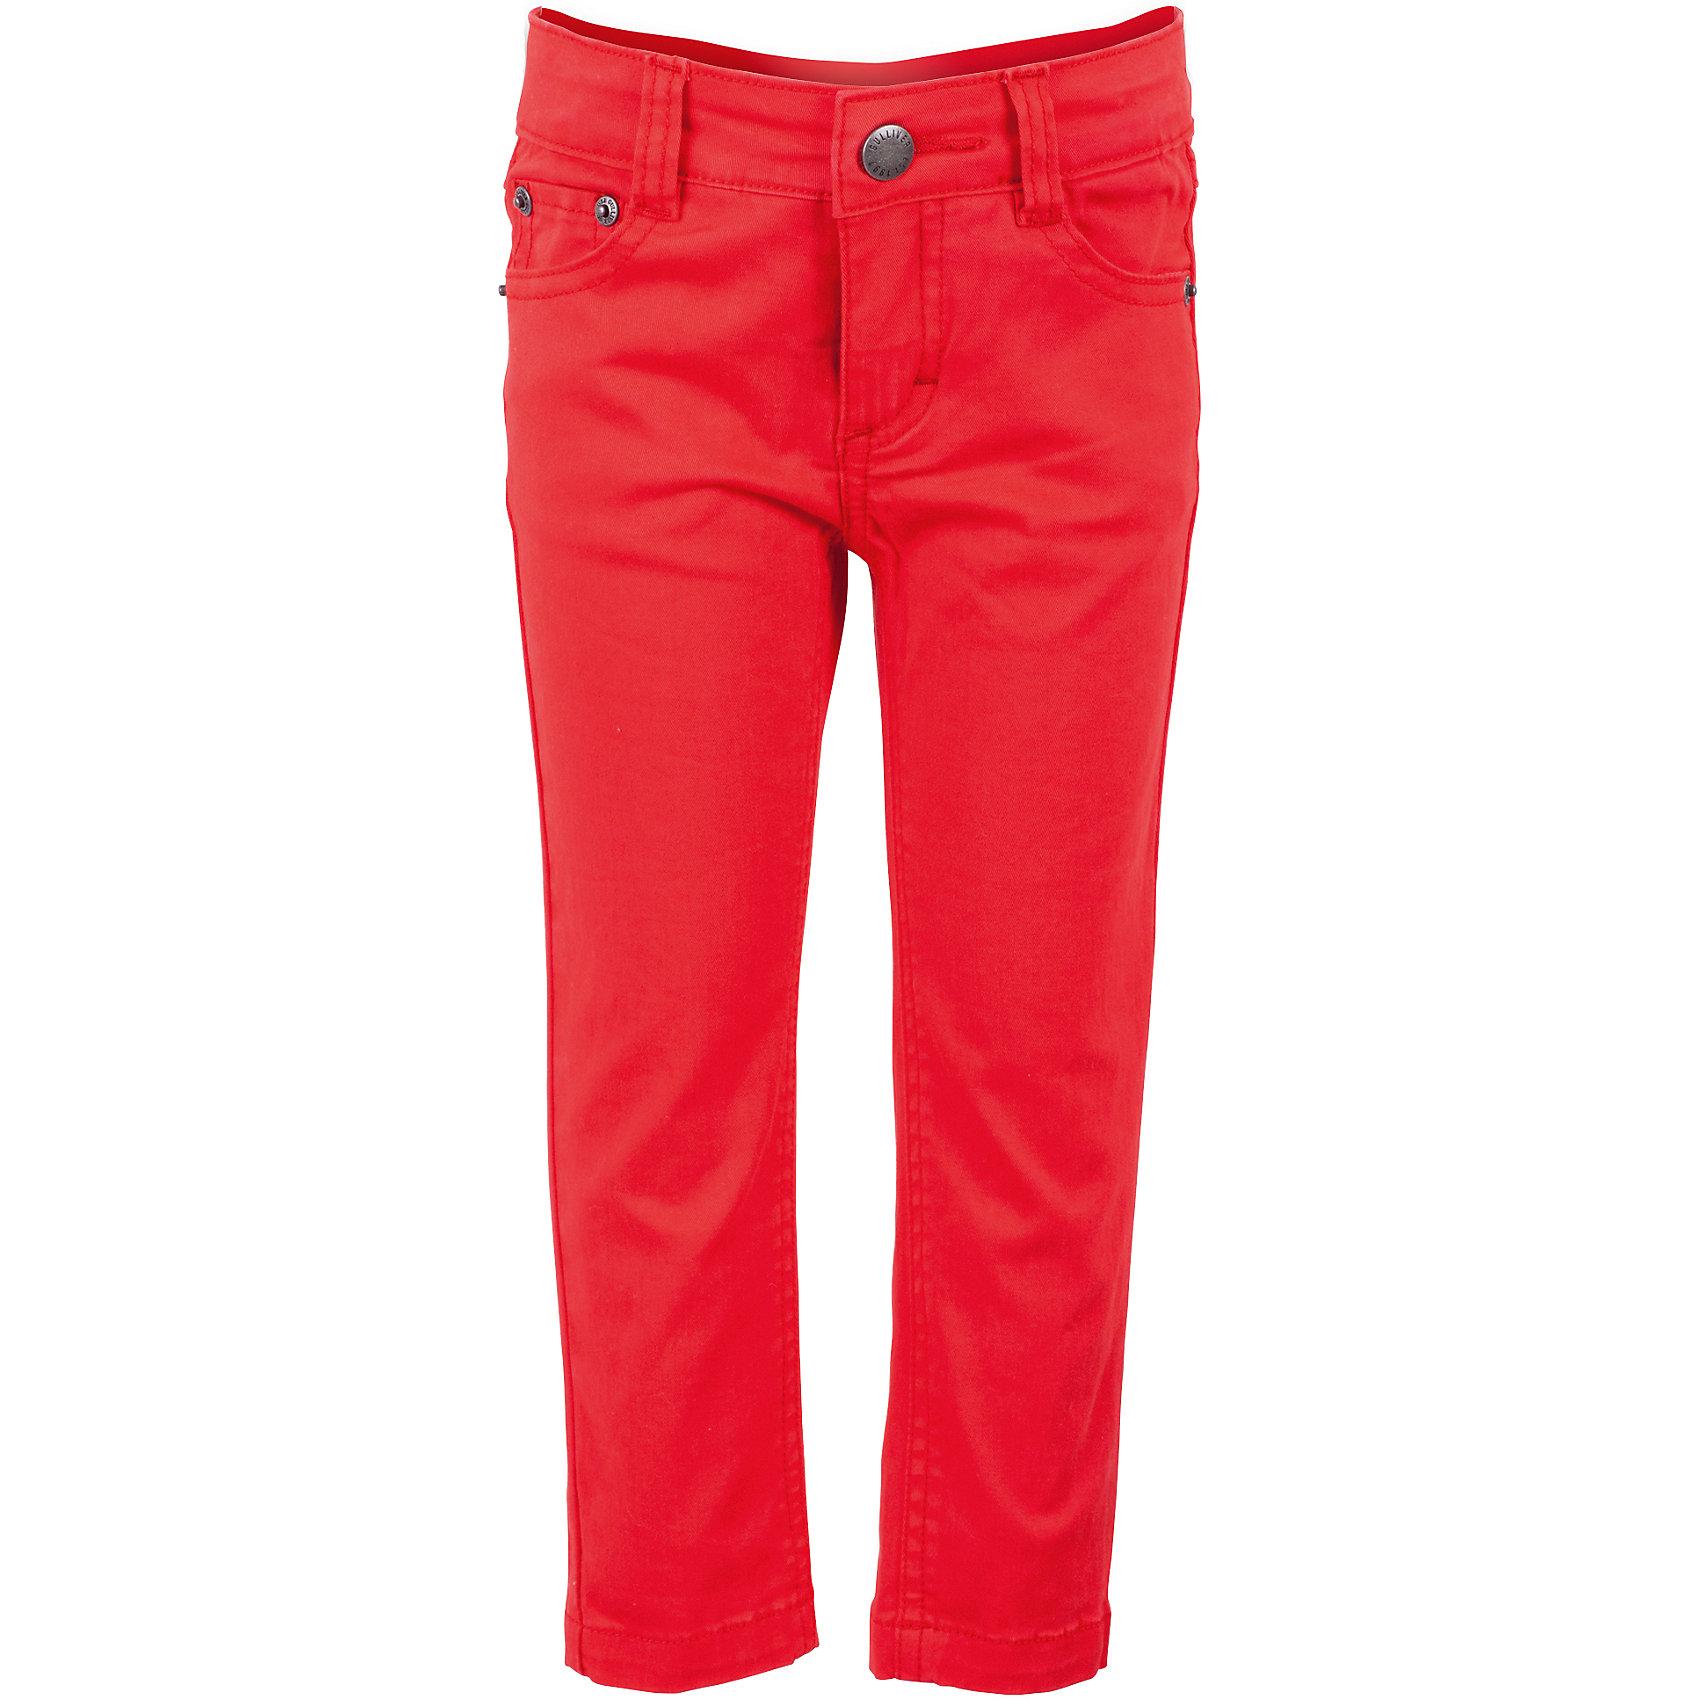 Брюки для девочки GulliverБрюки<br>Яркие брюки – незаменимая часть гардероба девочки. Выполненные из хлопка с эластаном, они сделают каждый день солнечным и комфортным! Если вы решили купить брюки, обратите внимание на эту модель! Модный цвет, мягкость и удобство в носке позволят наслаждаться каждым летним днем. Коралловые брюки для девочки - превосходный акцент весенне-летнего образа. С любым однотонным или полосатым верхом из коллекции Коралловые рифы, брюки составят отличный комплект!<br>Состав:<br>98% хлопок      2% эластан<br><br>Ширина мм: 215<br>Глубина мм: 88<br>Высота мм: 191<br>Вес г: 336<br>Цвет: розовый<br>Возраст от месяцев: 24<br>Возраст до месяцев: 36<br>Пол: Женский<br>Возраст: Детский<br>Размер: 98,116,104,110<br>SKU: 5483730